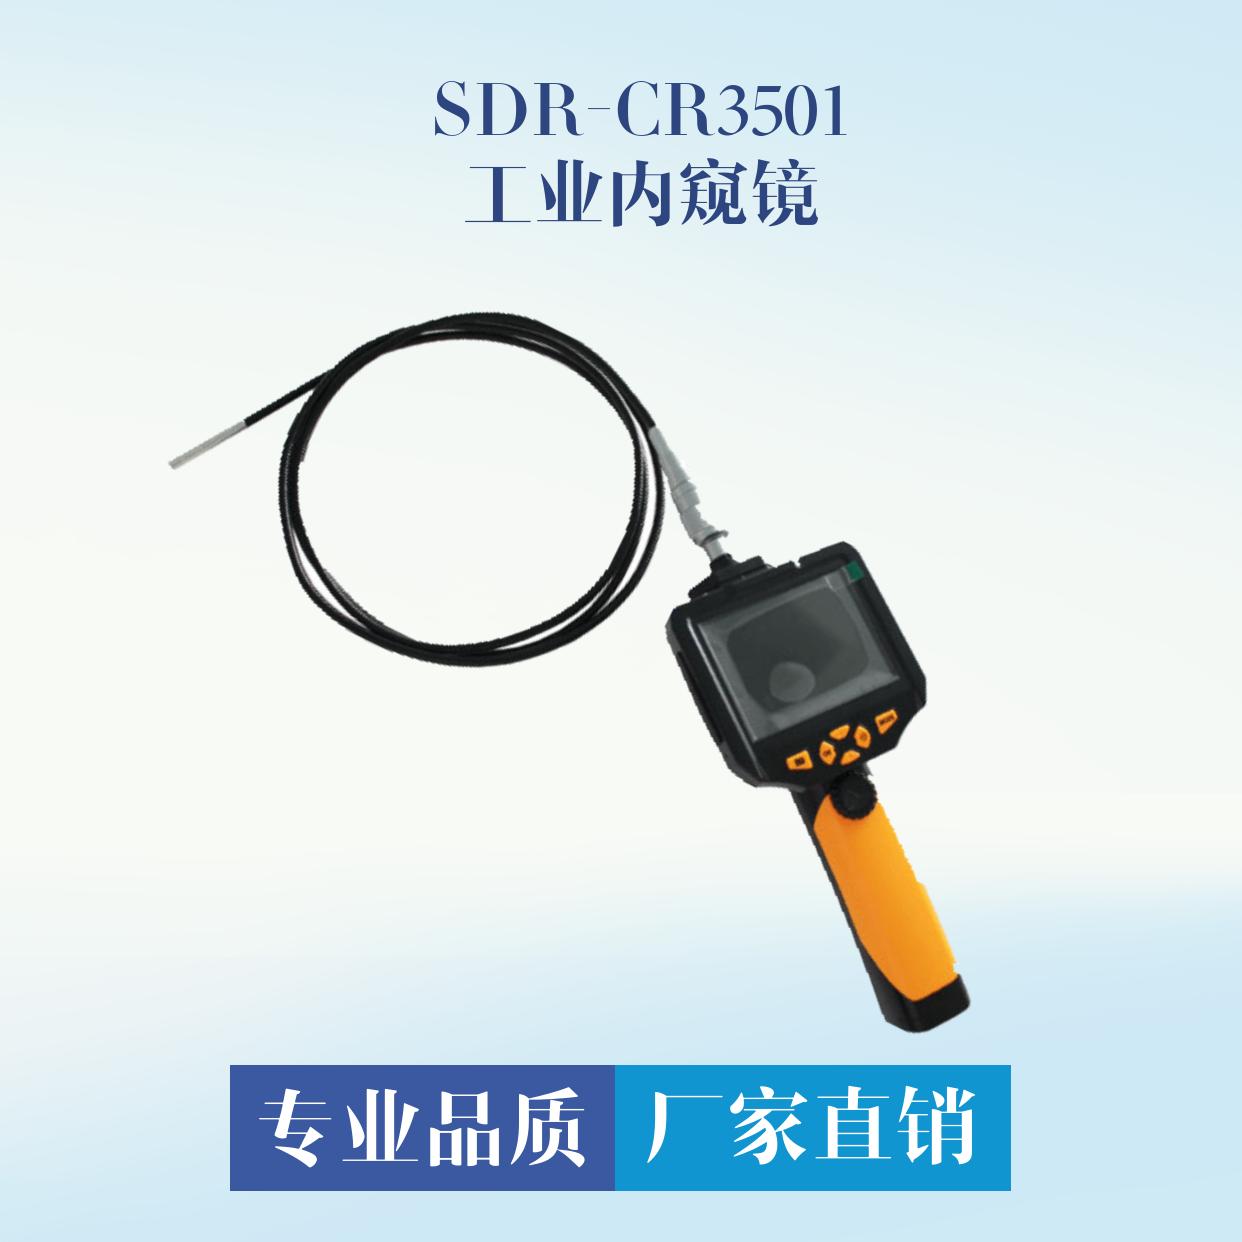 汽车内窥镜 SDR-CR3501